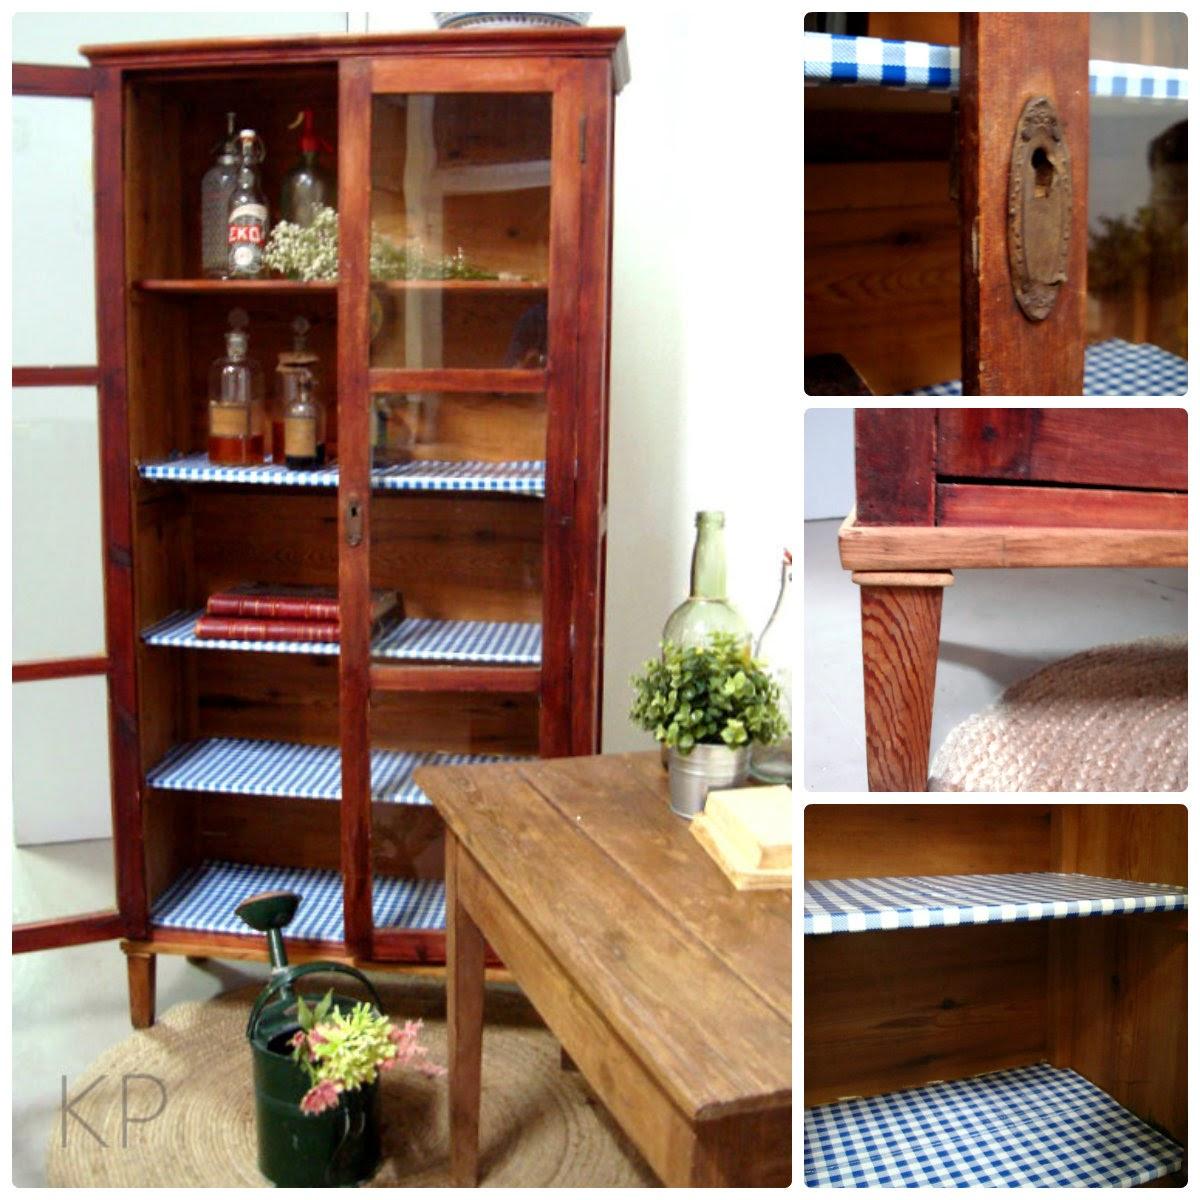 alacena de madera antigua vintage estilo rústico. muebles auténticos de época de casa campo en valencia